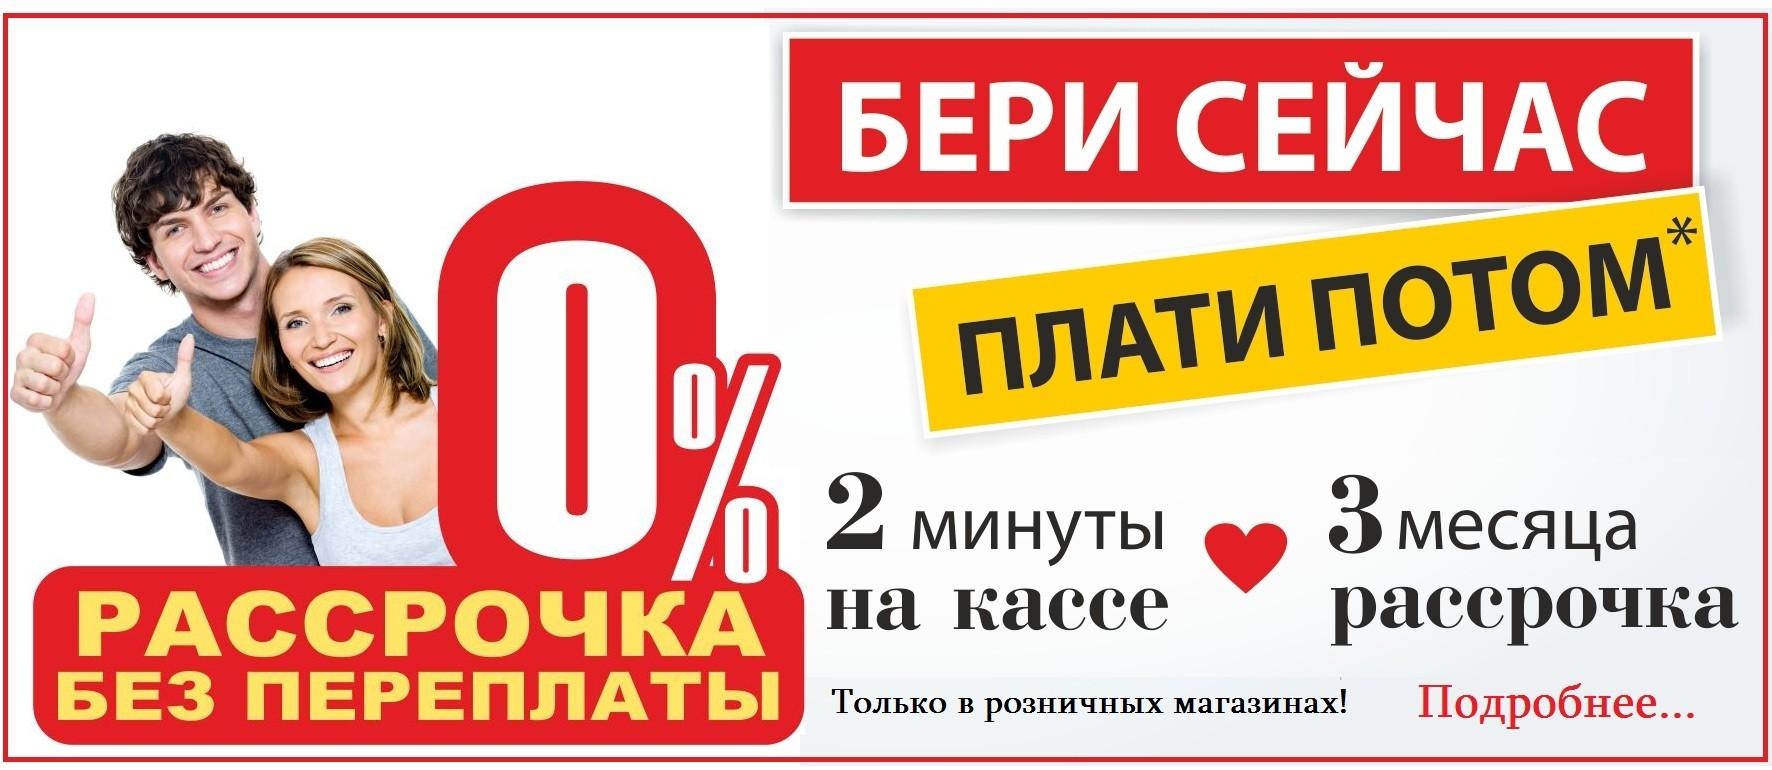 ТД Антошка - детский интернет магазин в СПб 7a133def7fb